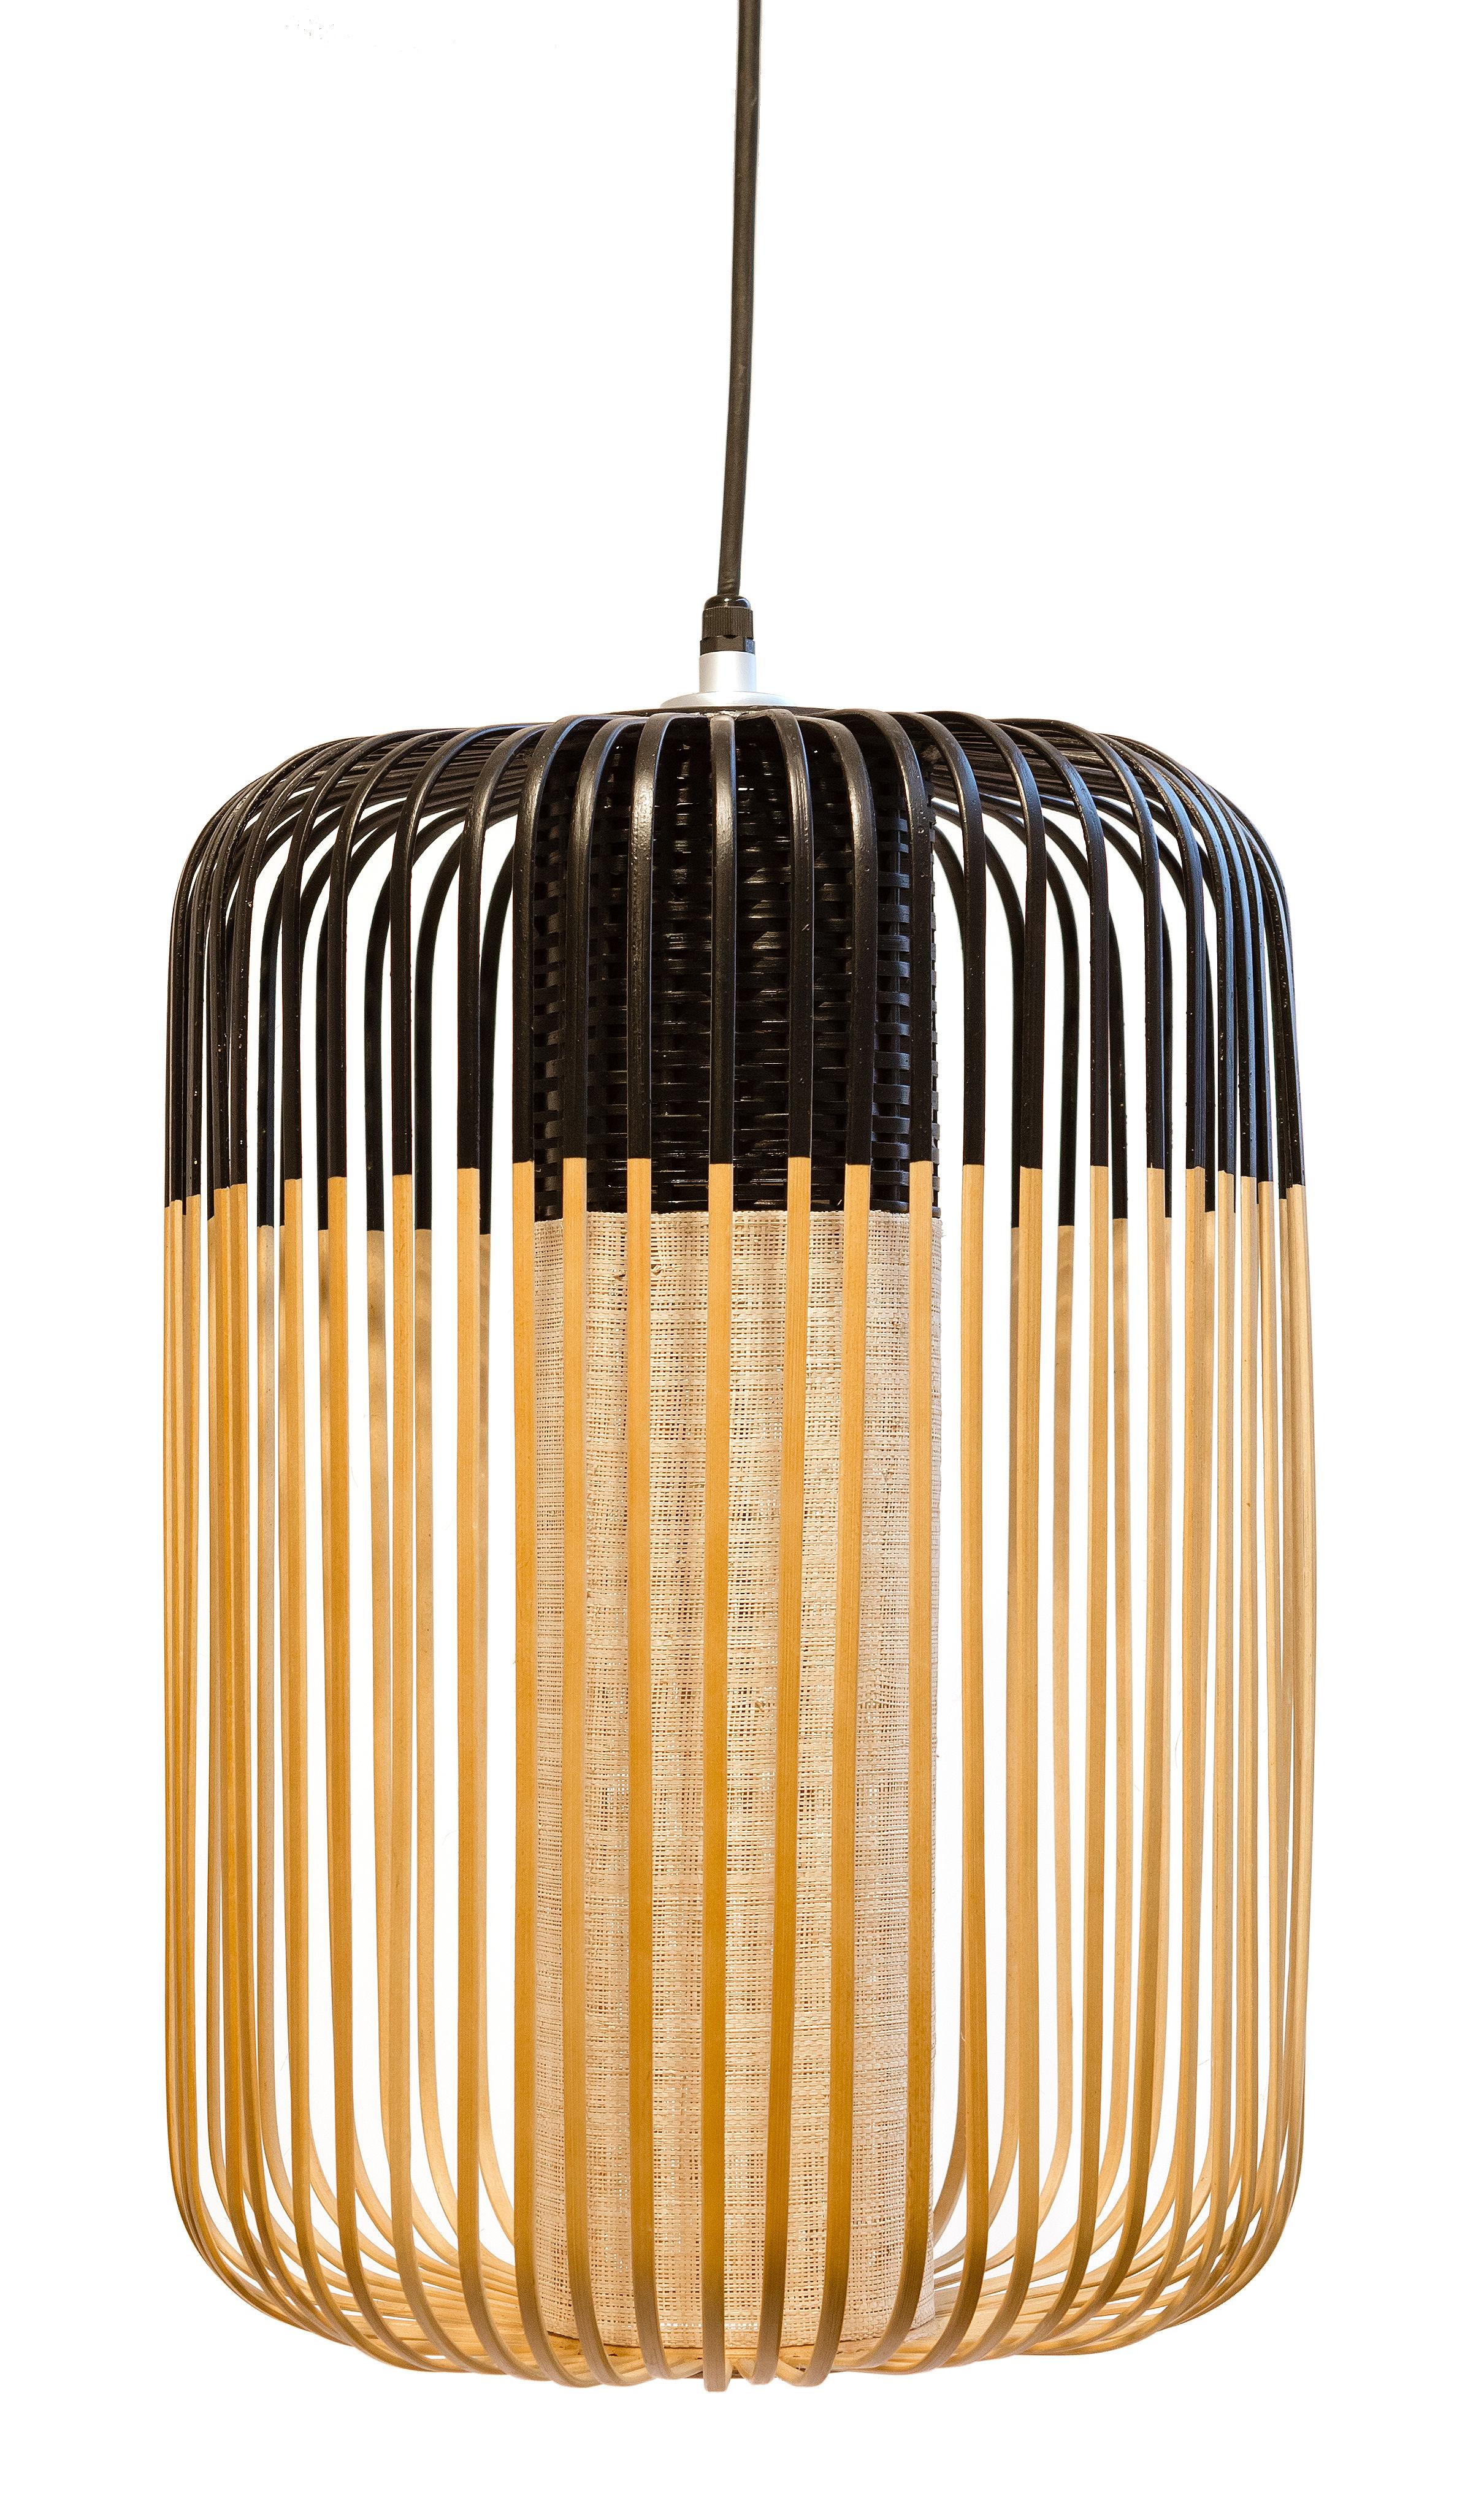 Illuminazione - Lampadari - Sospensione Bamboo Light L - / H 50 x Ø 35 cm di Forestier - Nero / Naturale - Bambou naturel, Metallo, Tessuto